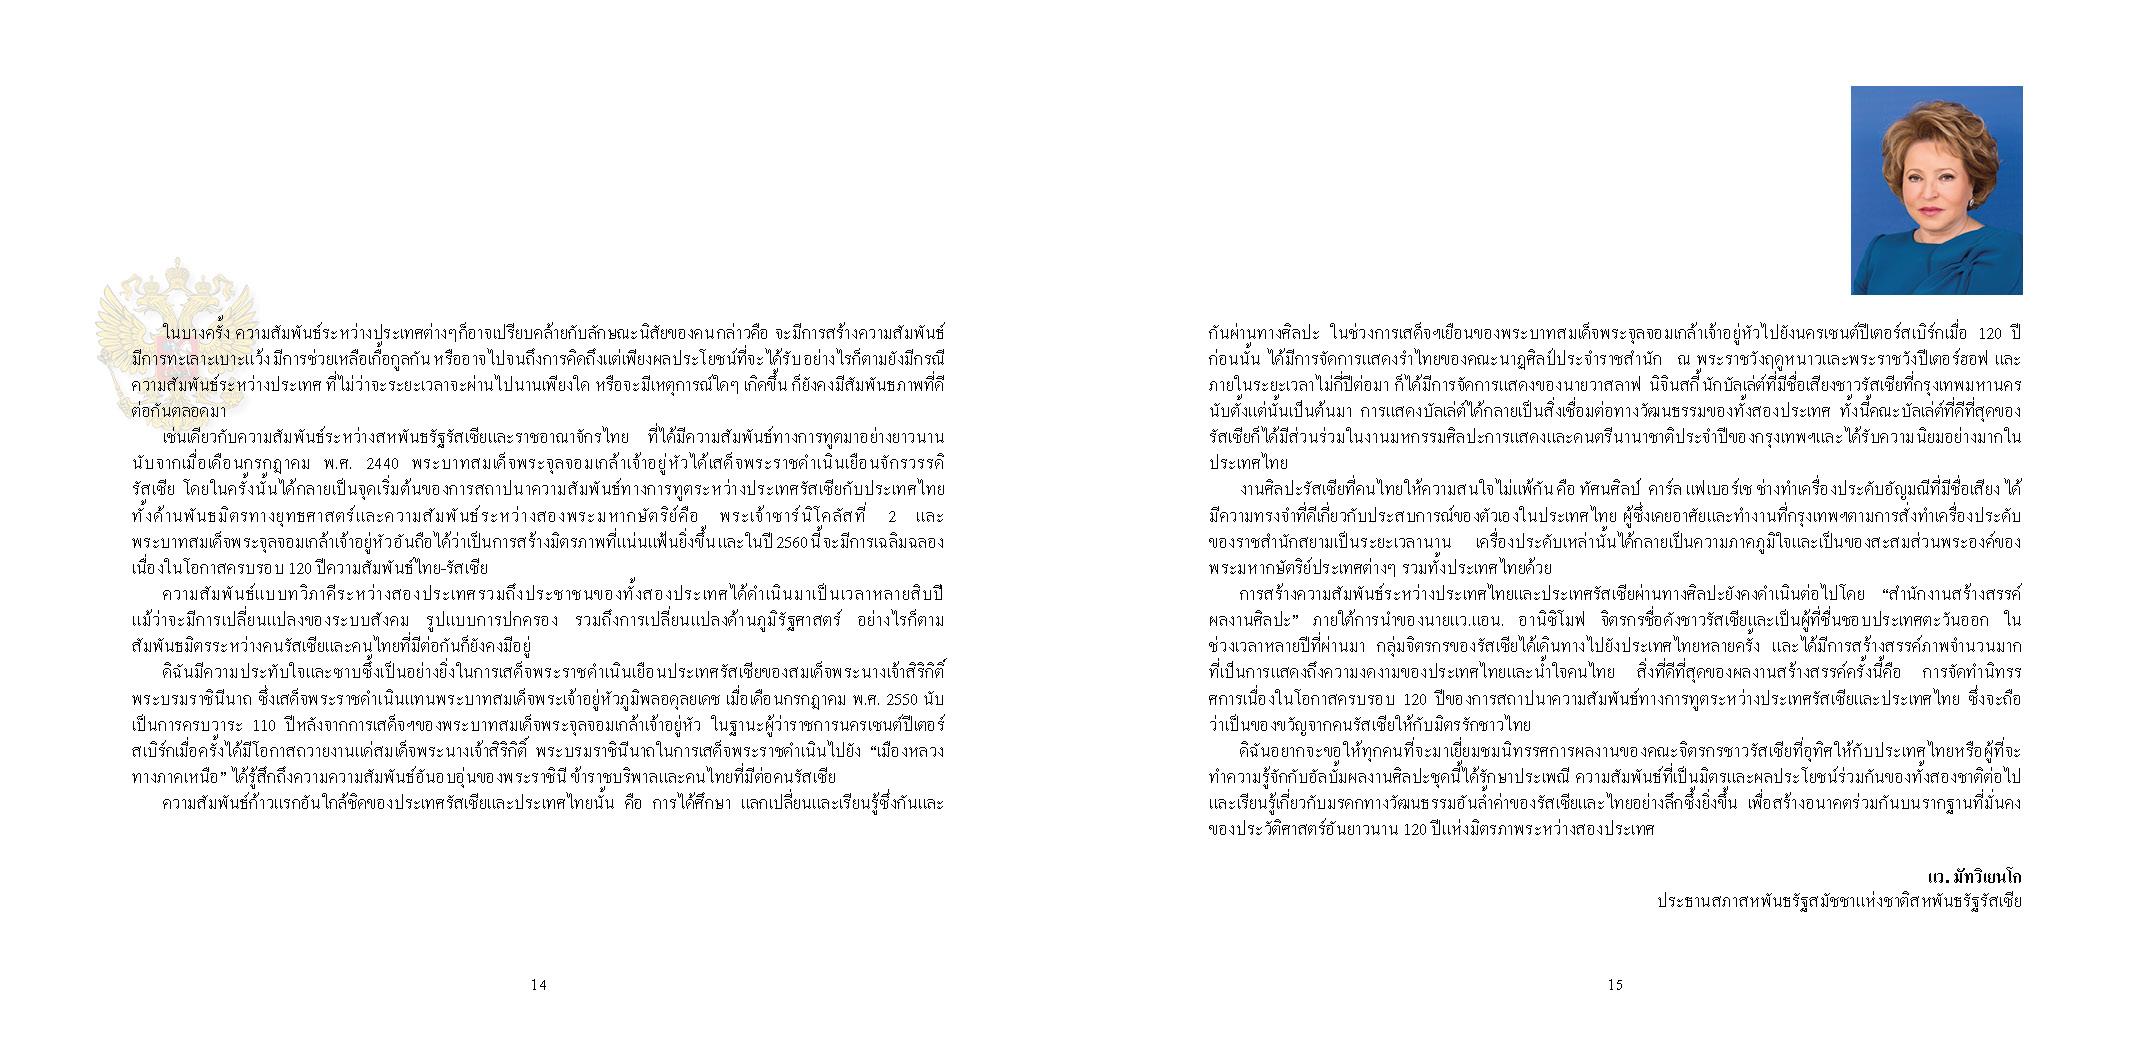 thai_8